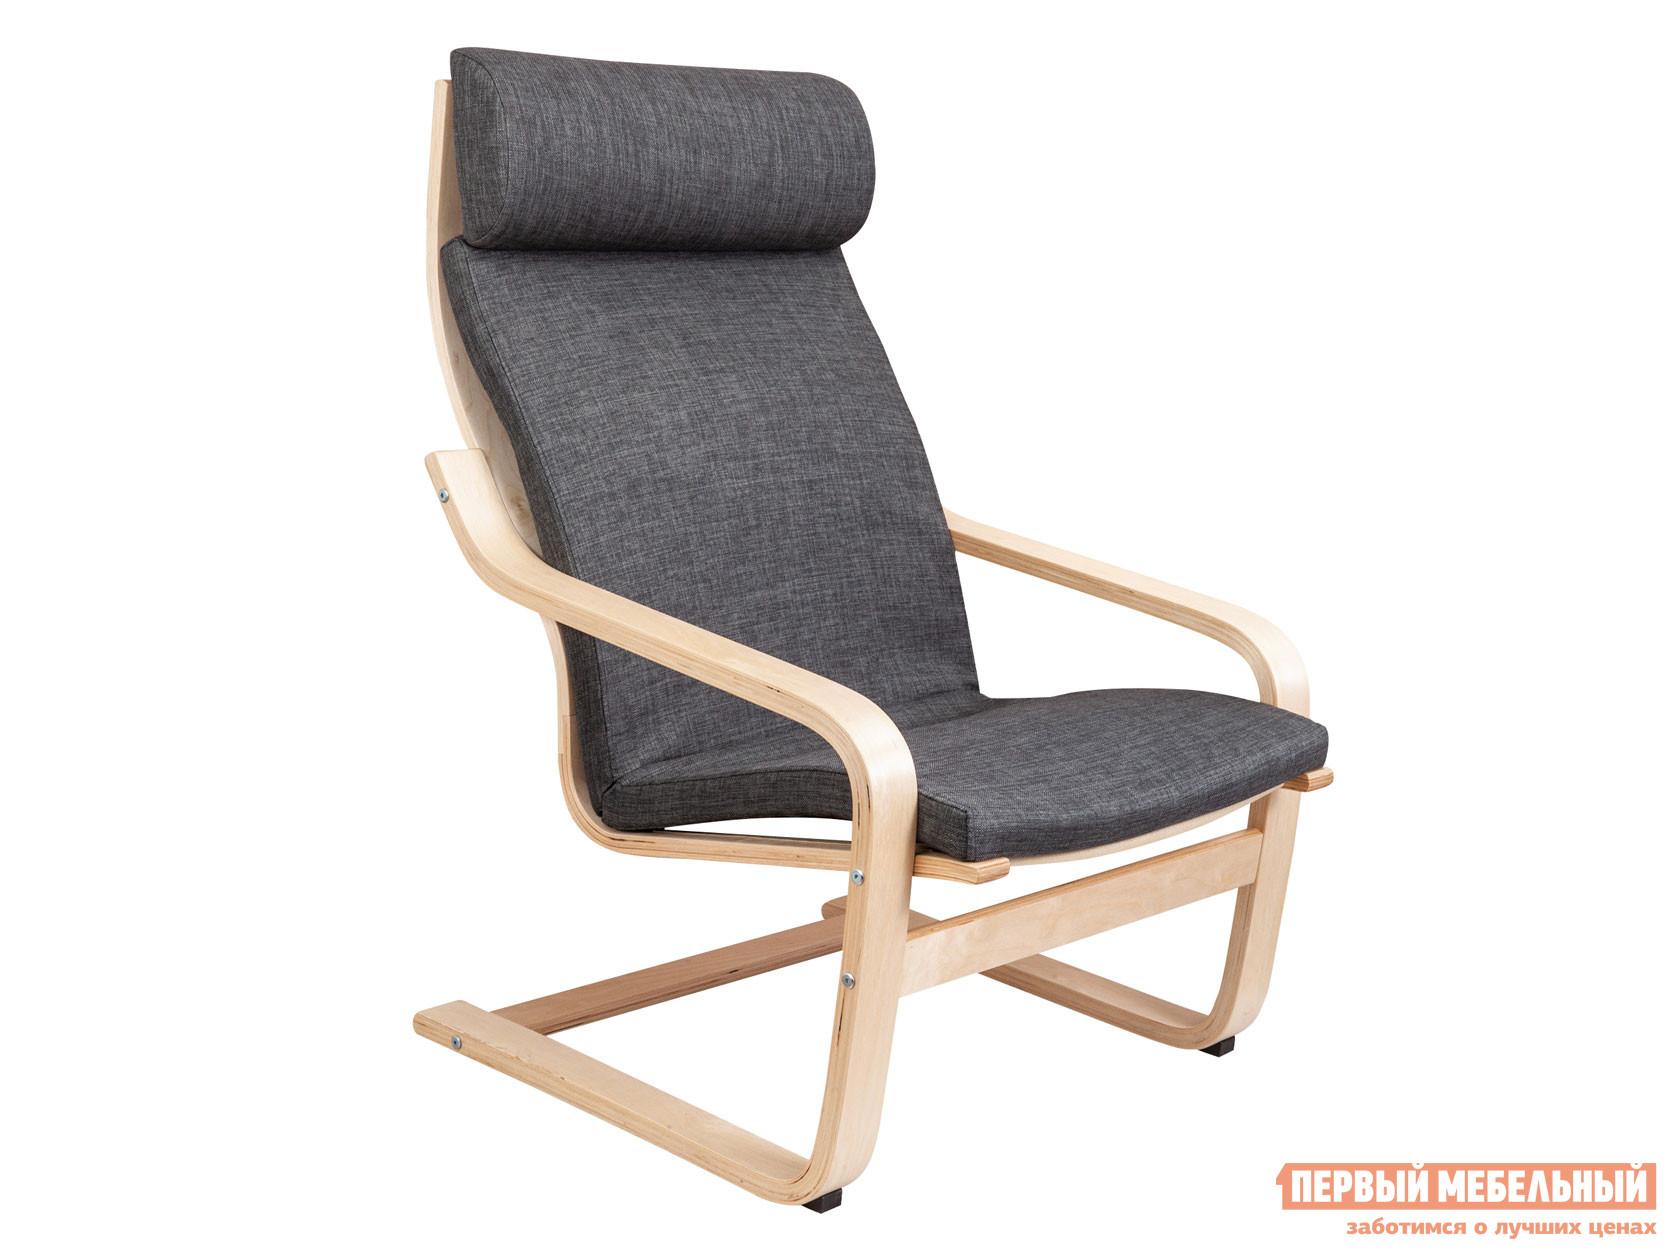 Кресло-качалка  Кресло для отдыха RELAX Темно-серый, ткань / Береза Sedia 125032